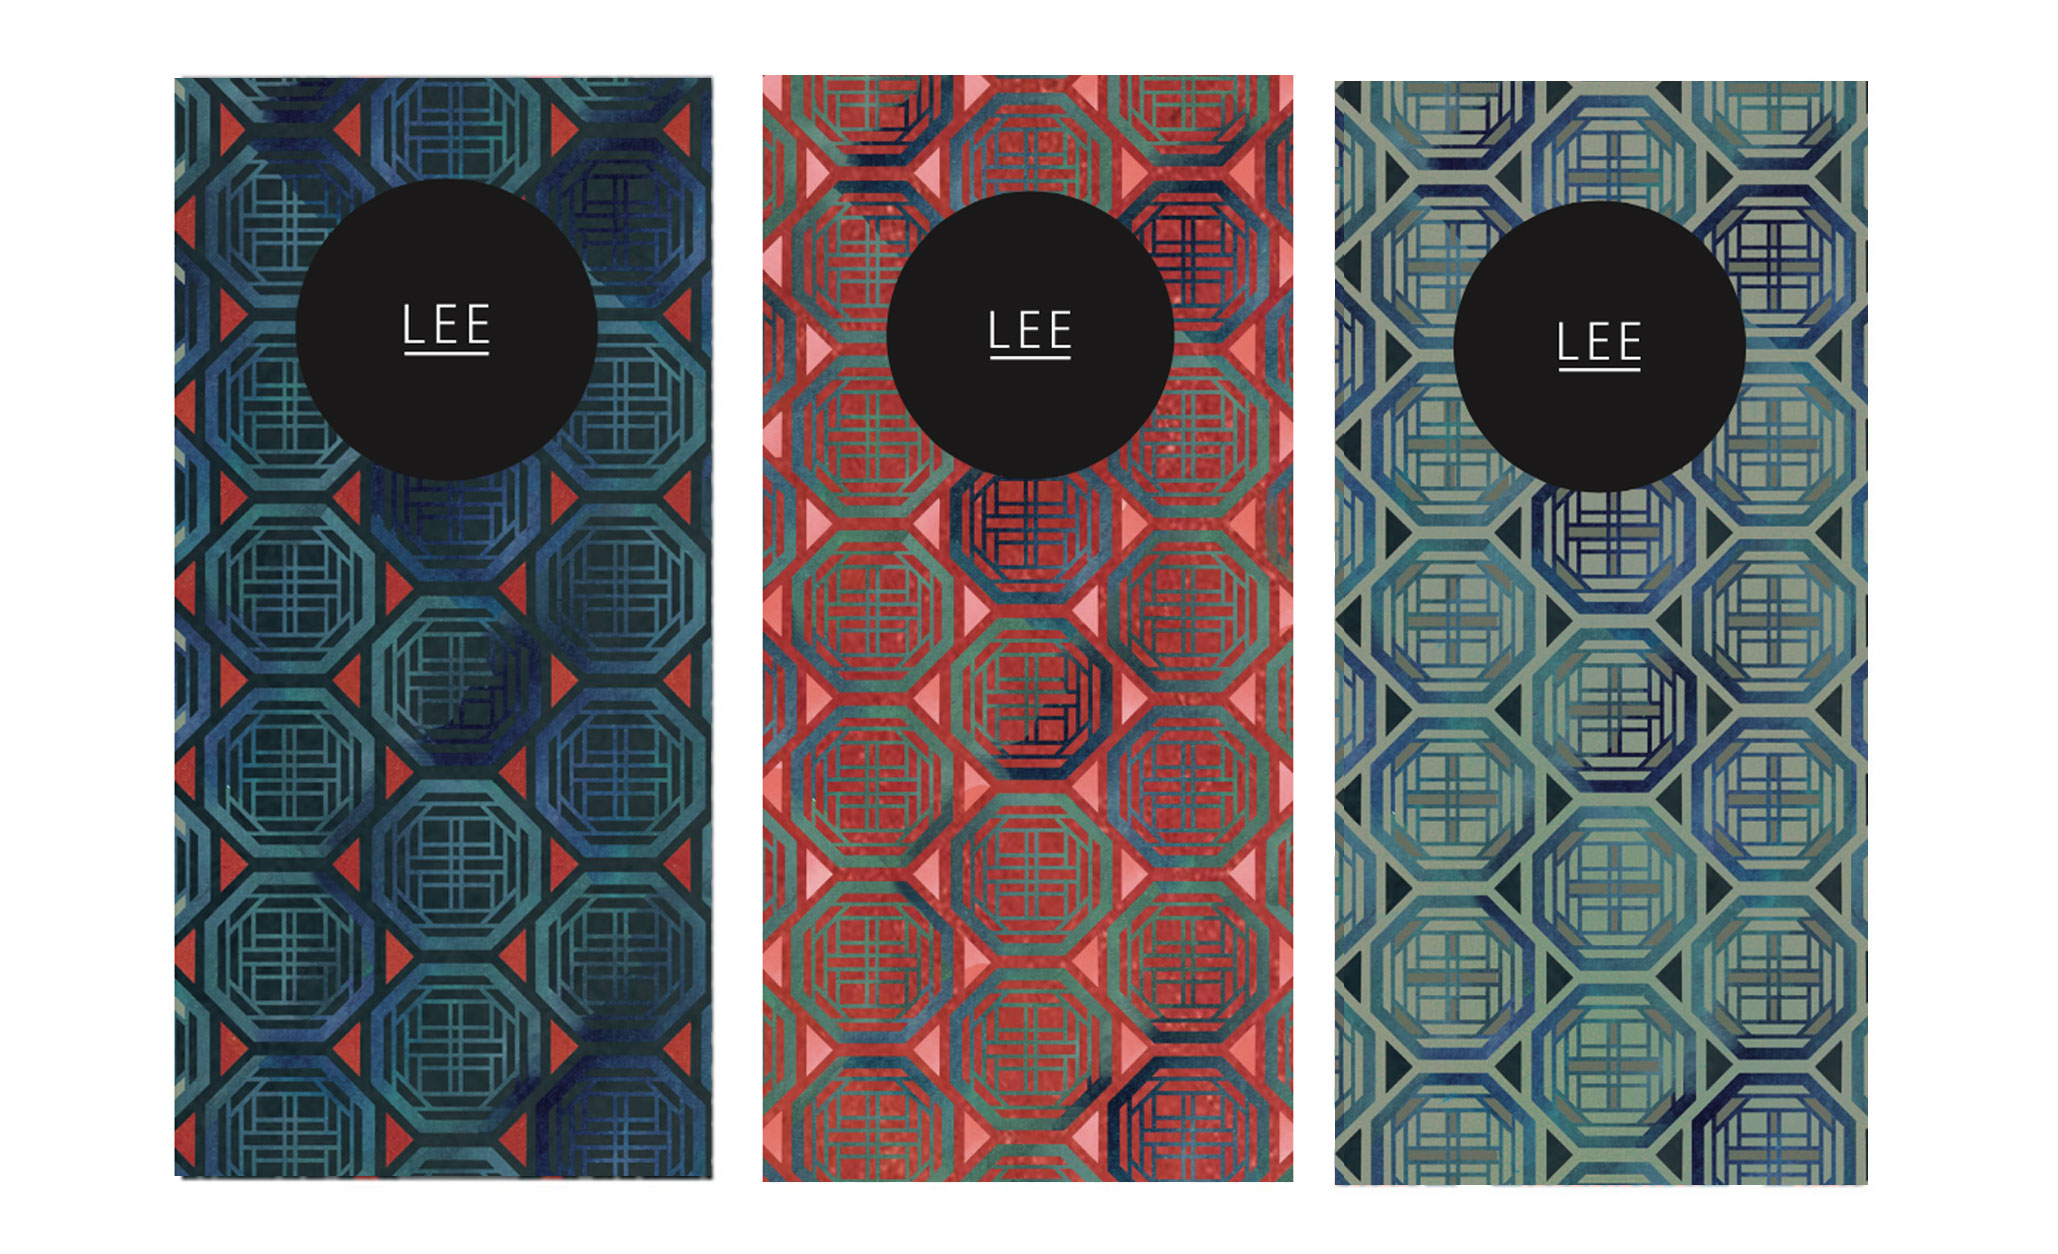 Lee - Pattern 4.jpg